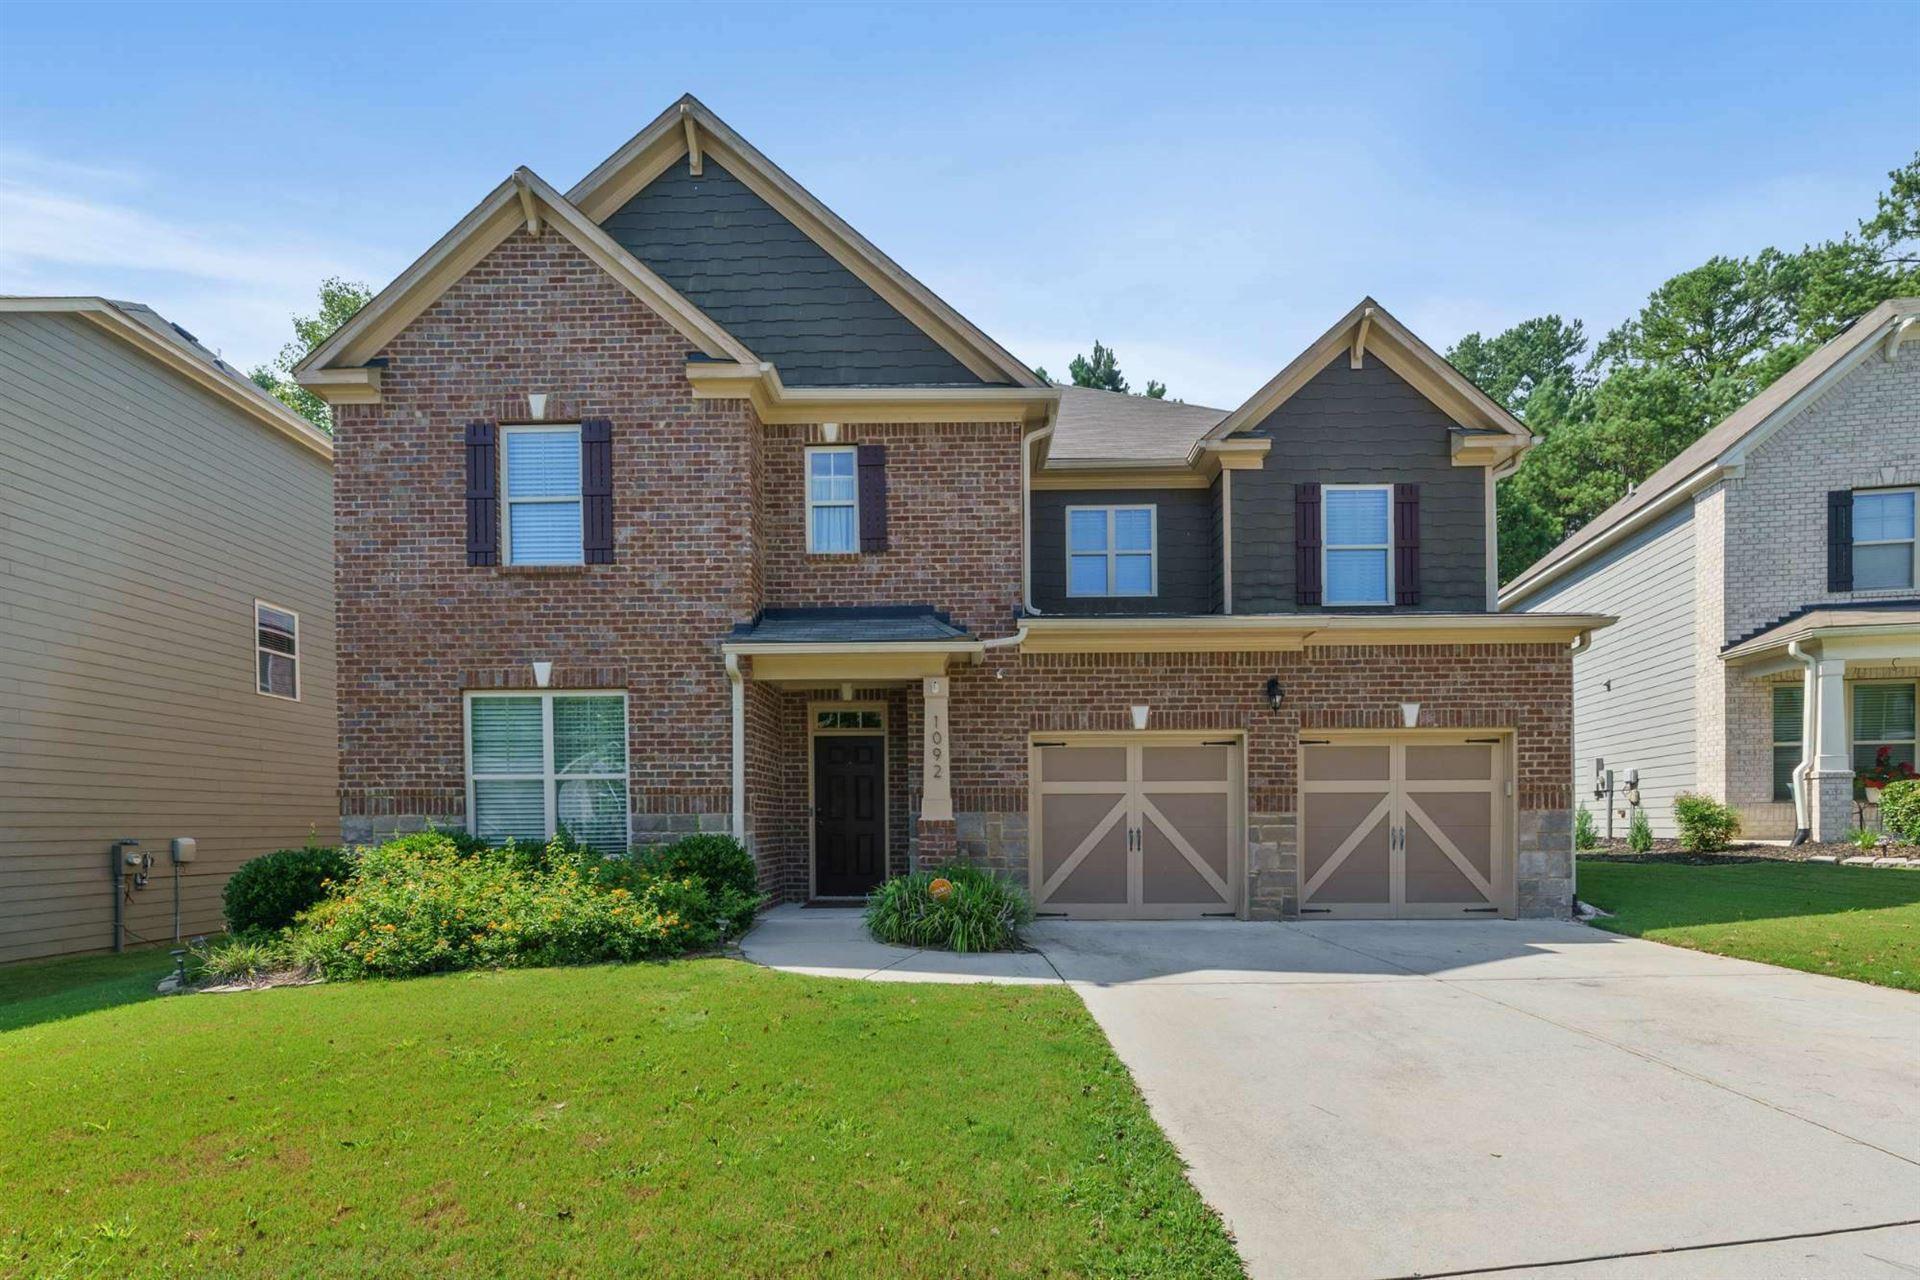 1092 Park Hollow Ln, Lawrenceville, GA 30043 - #: 8844289